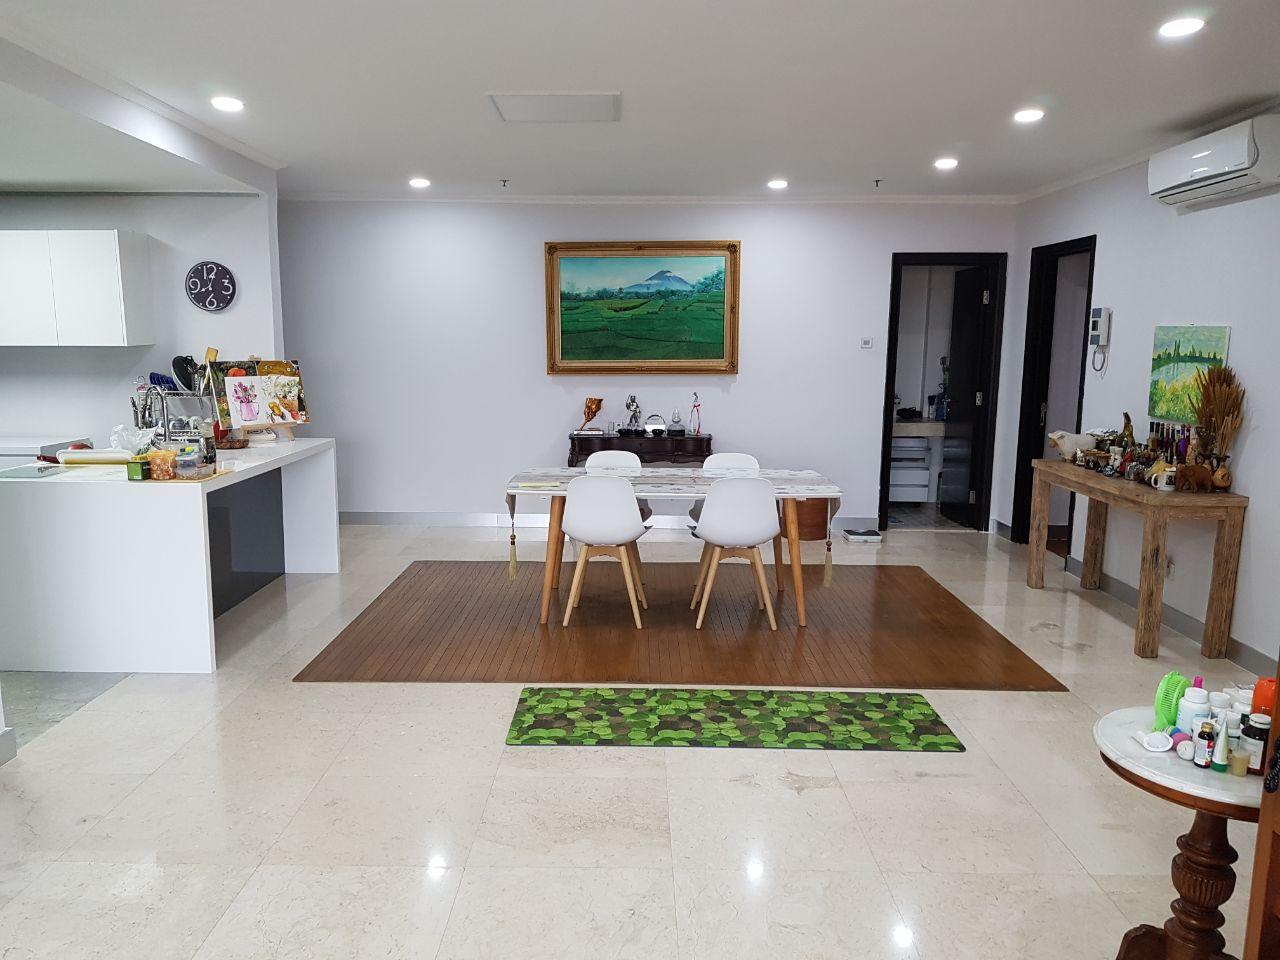 Dijual 1 unit Apartment 3bedroom di Apartemen Sommerset Permata Hijau